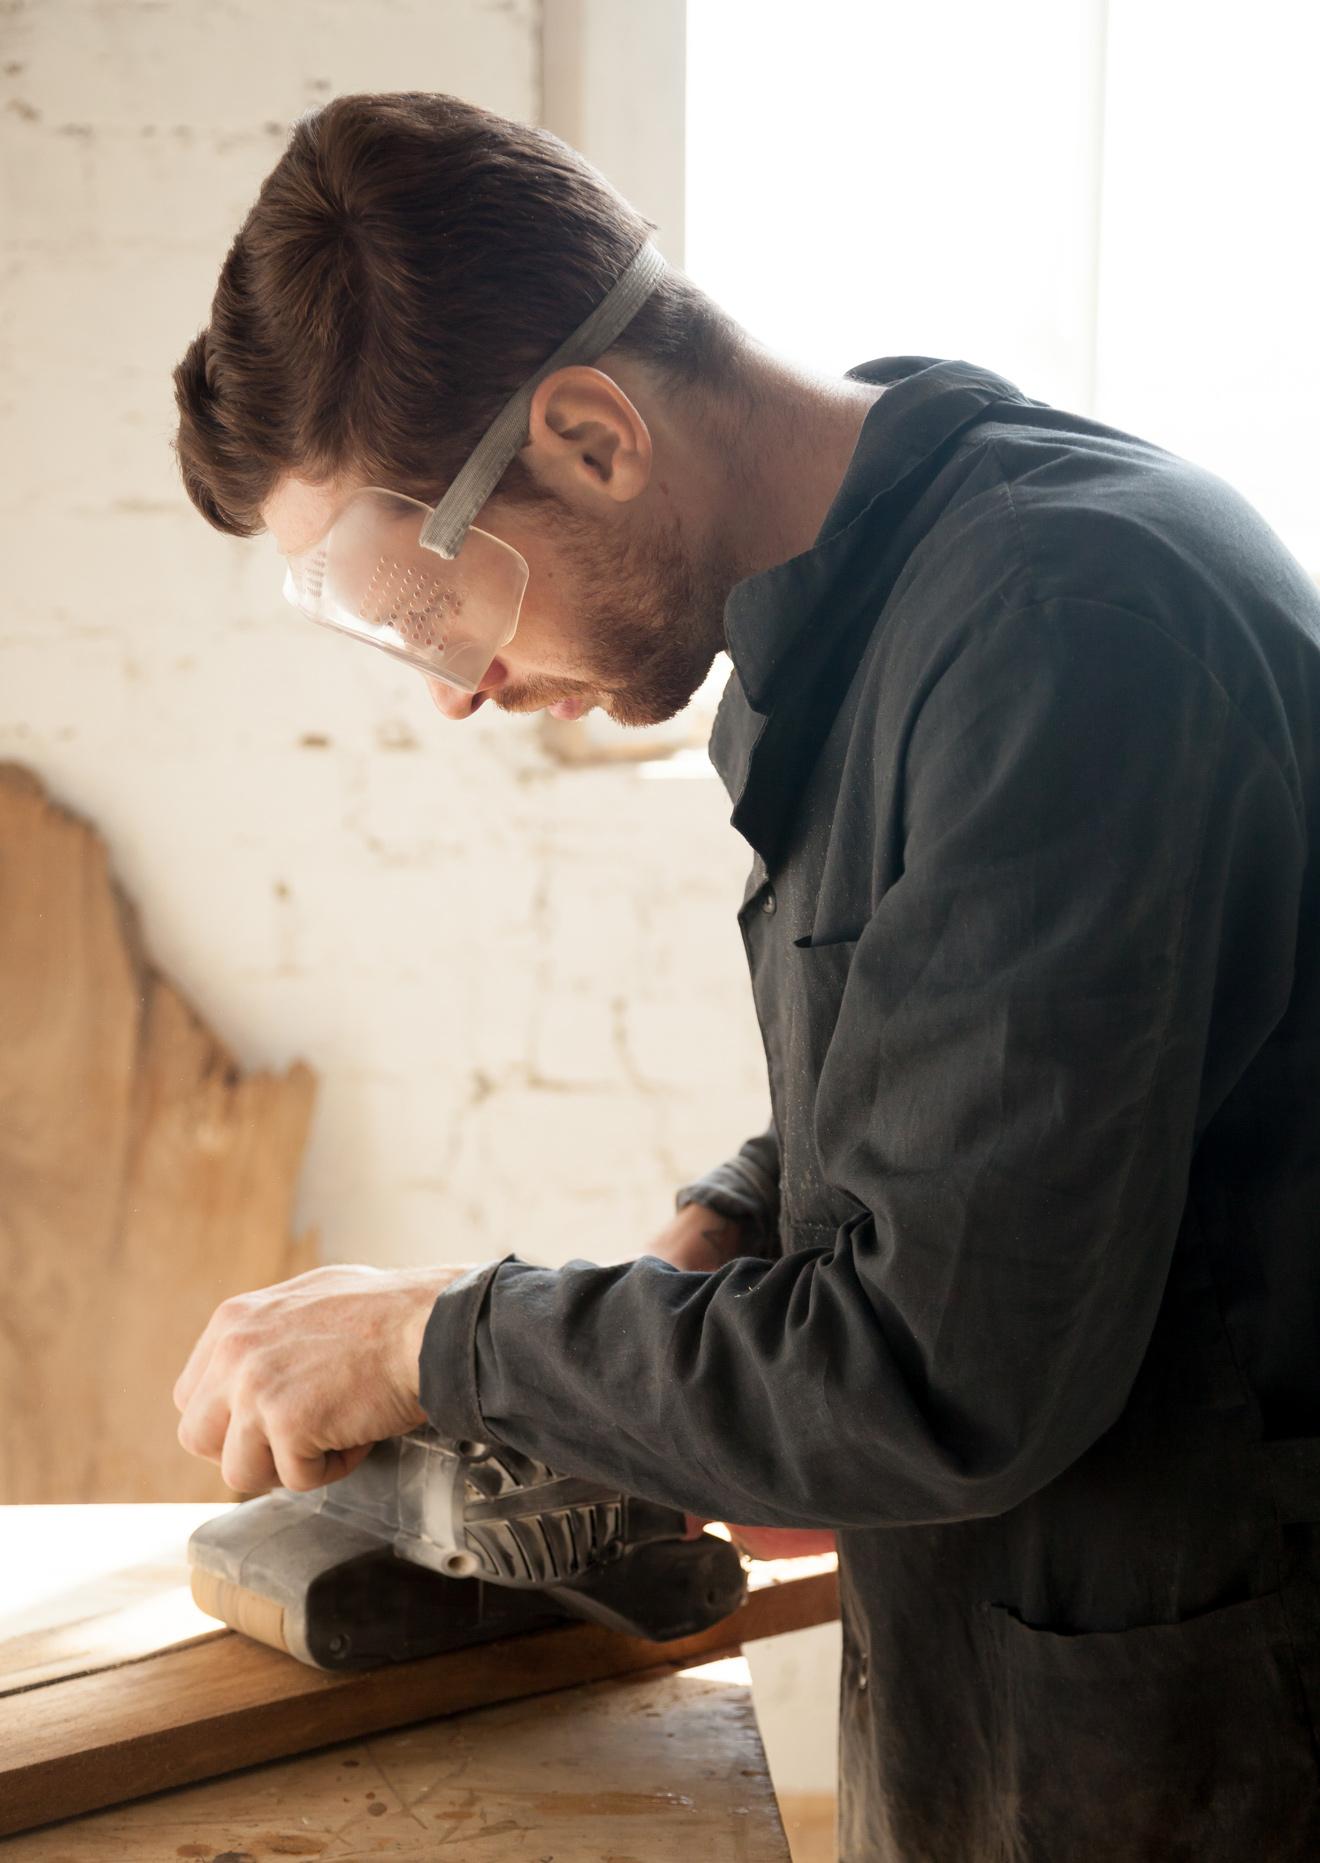 Μύκονος ξυλουργικές εργασίες